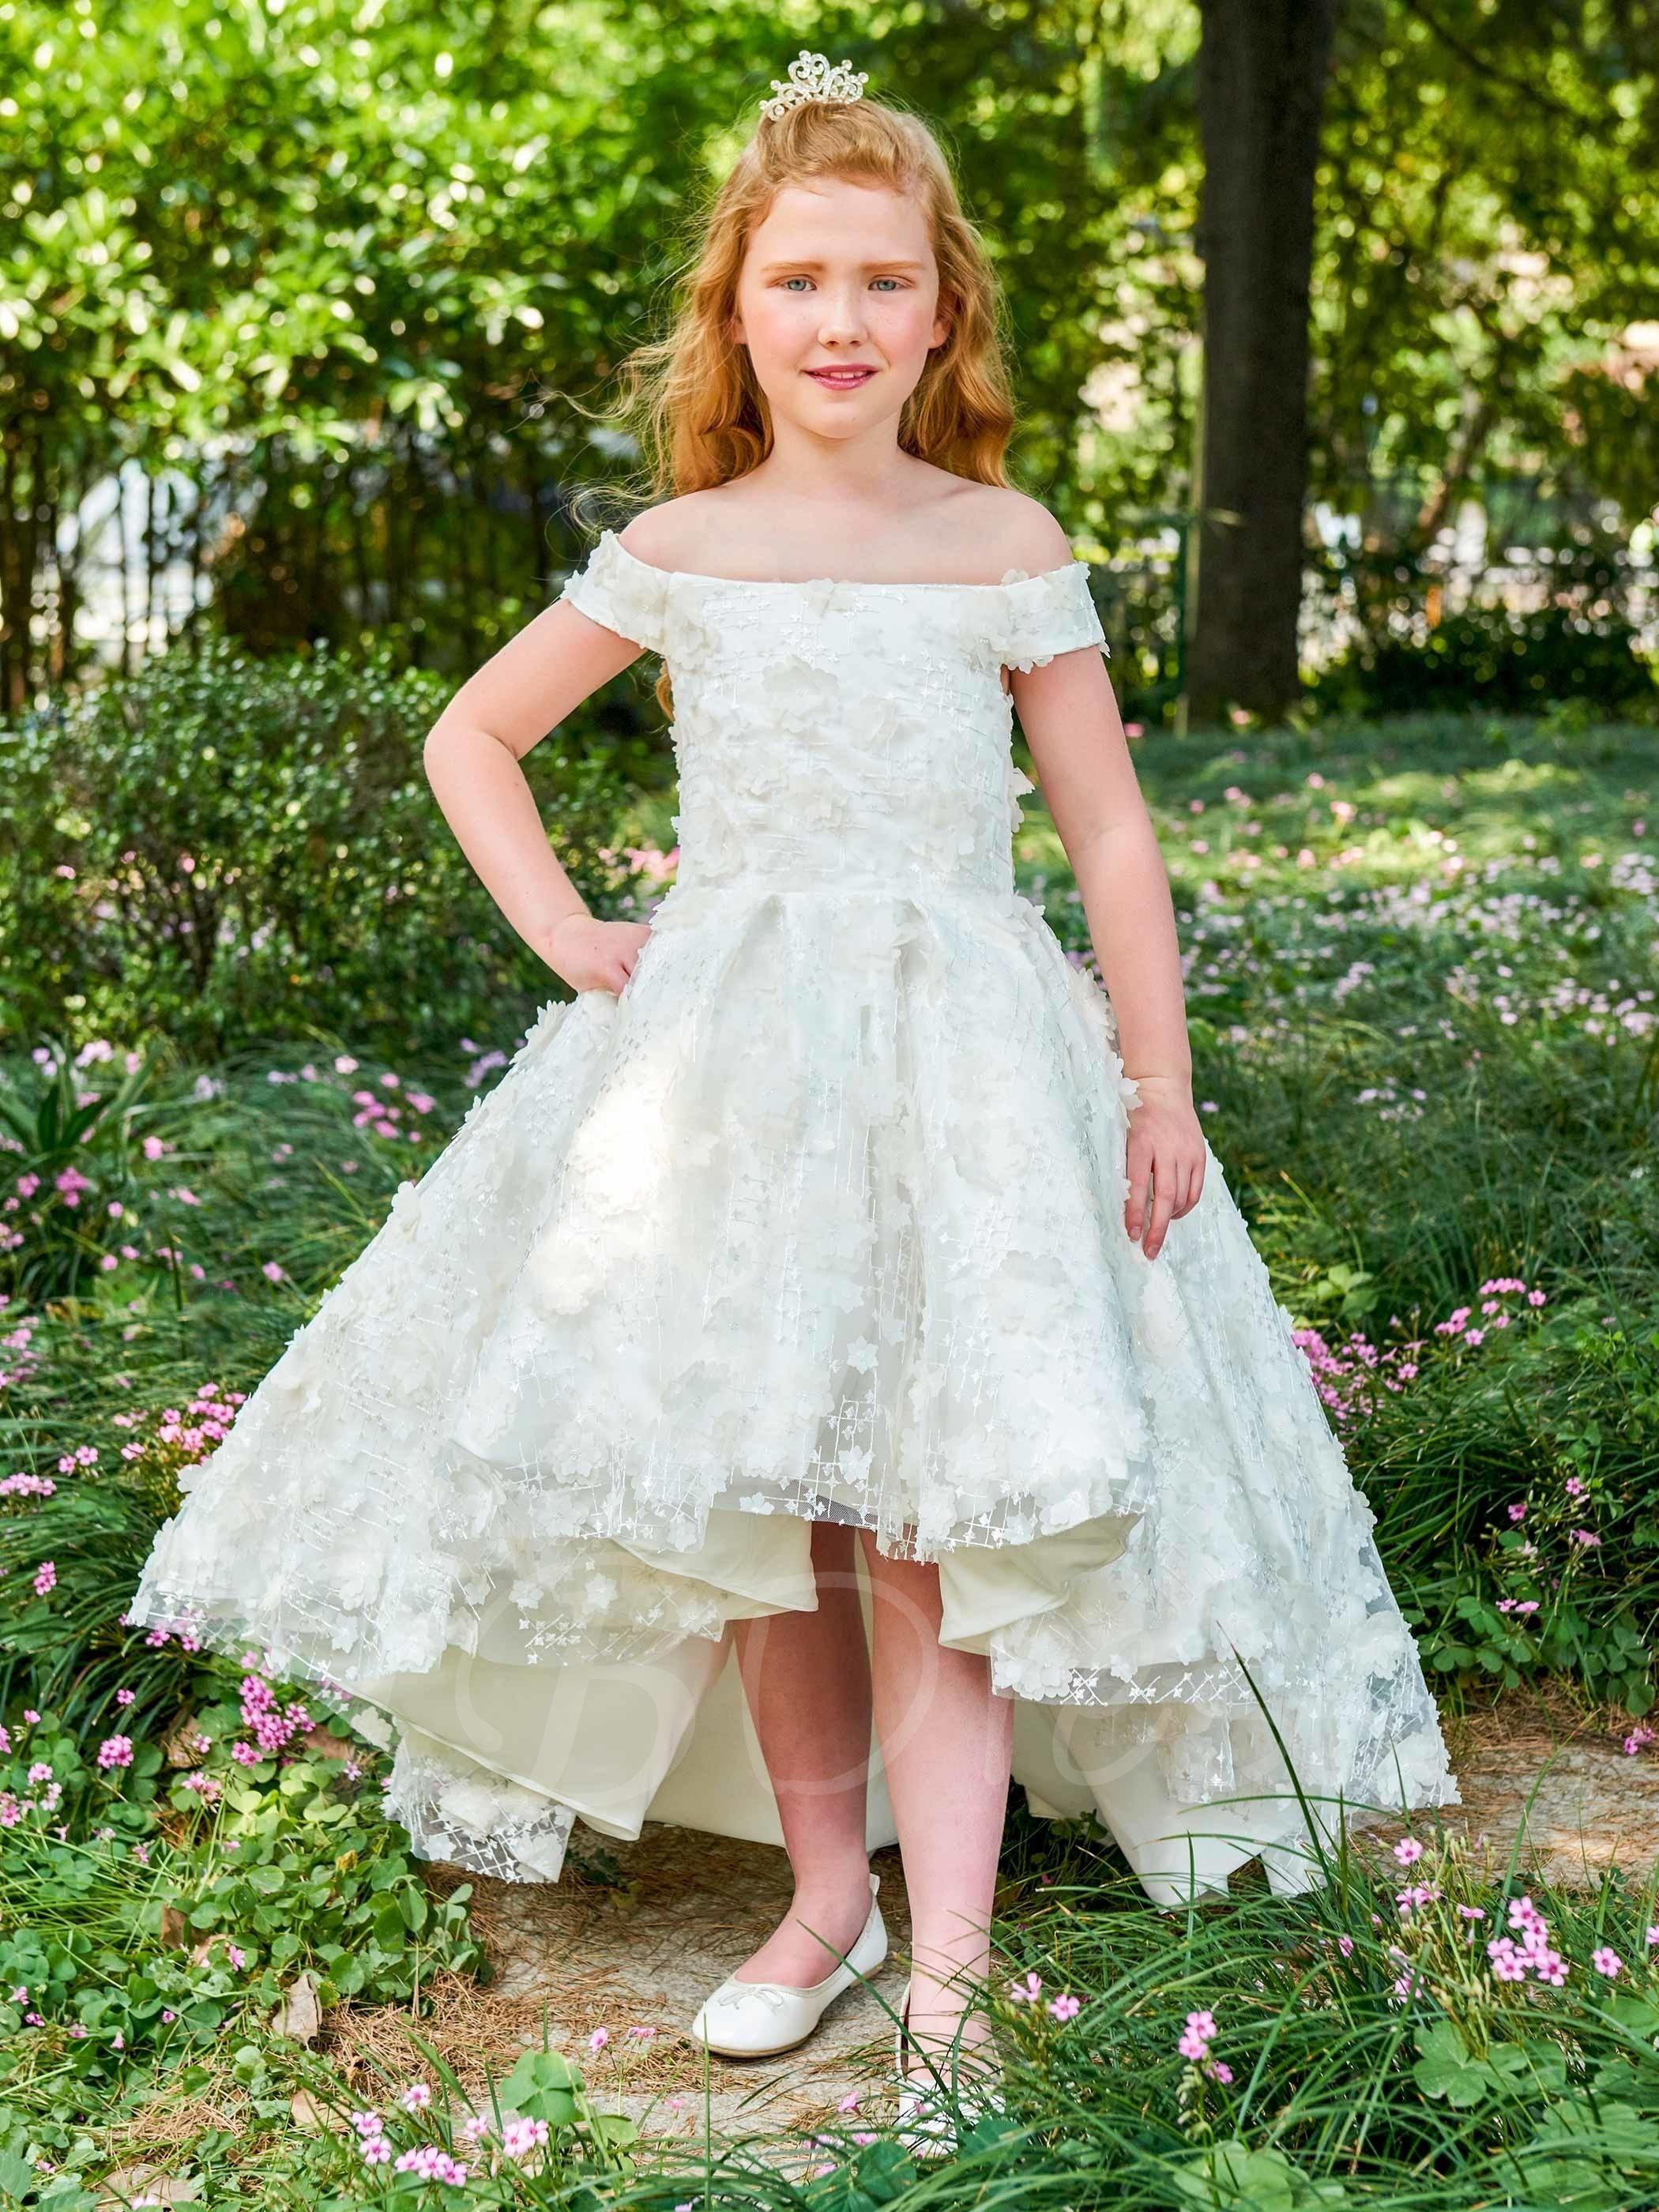 Tbdress tbdress lace offtheshoulder ball gown flower girl dress